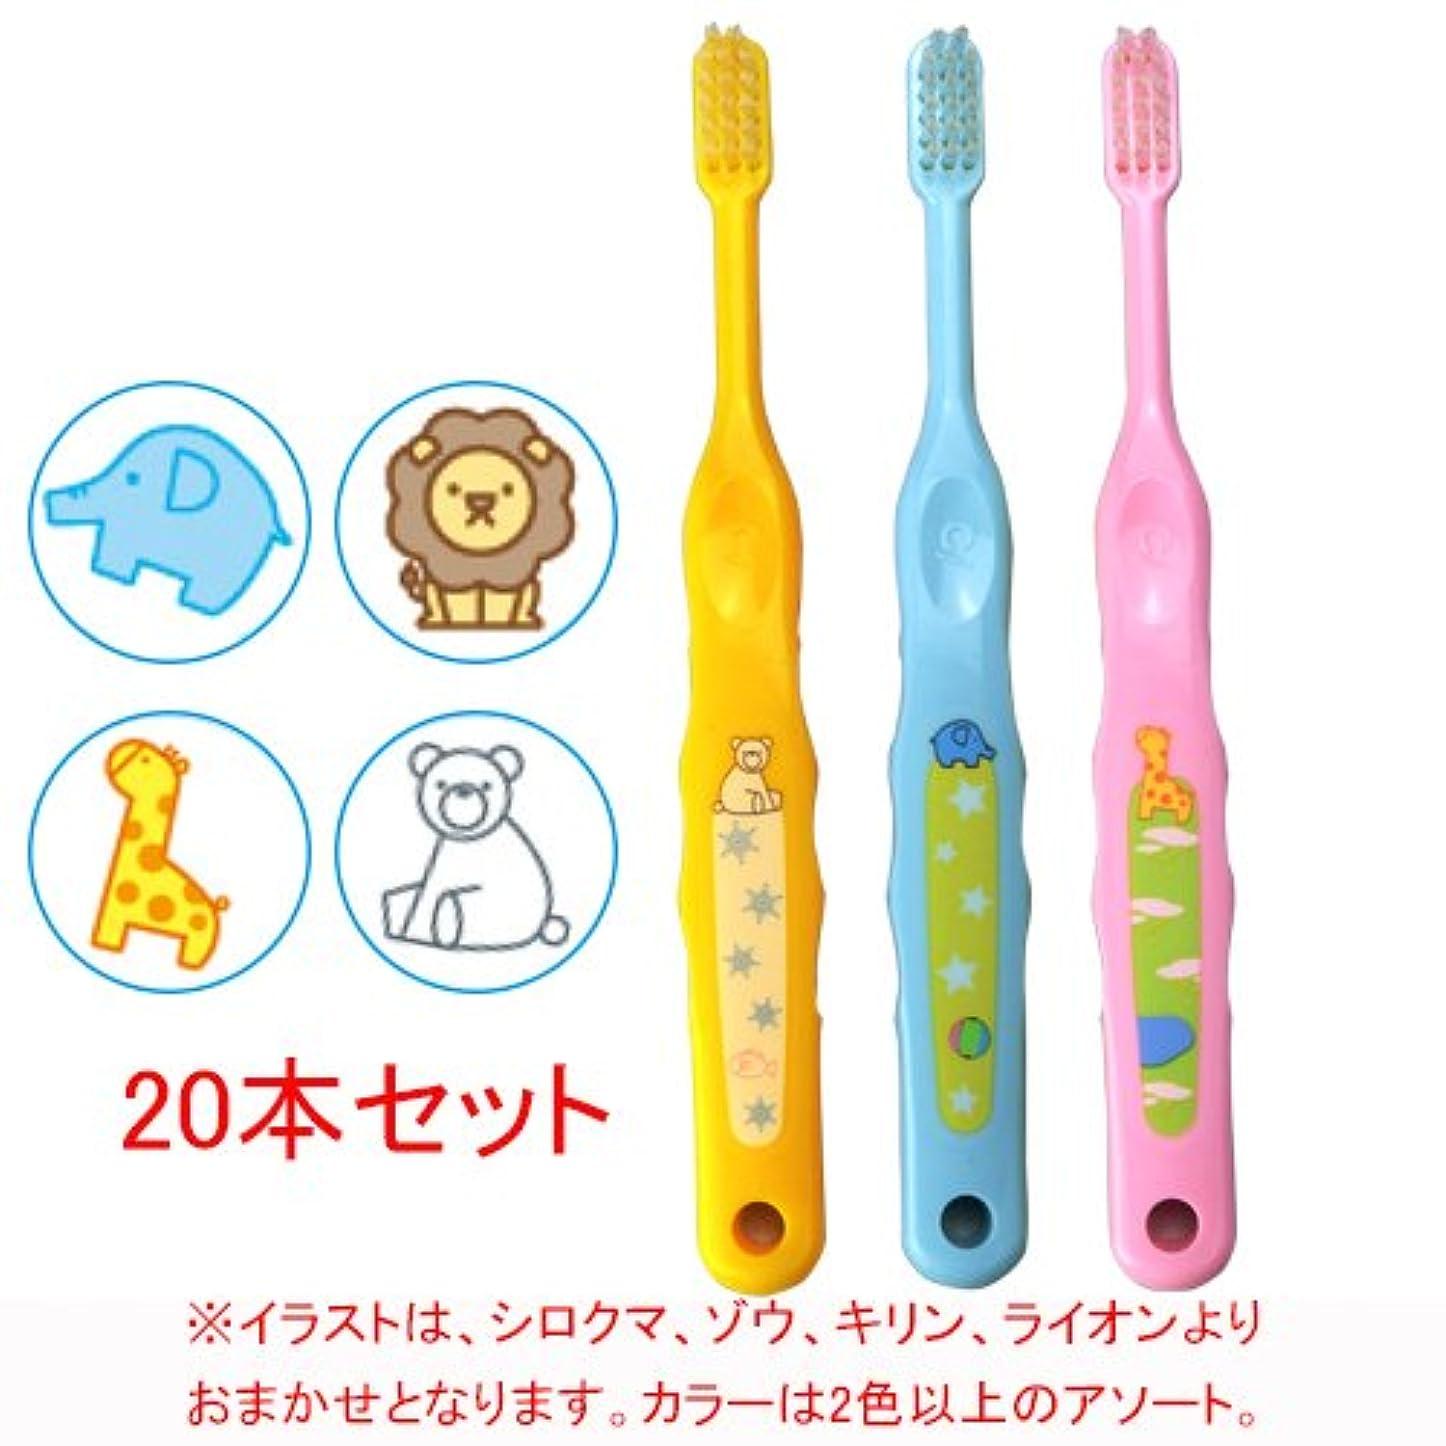 保険道罪Ciメディカル Ci なまえ歯ブラシ 503 (やわらかめ) (乳児~小学生向)×20本